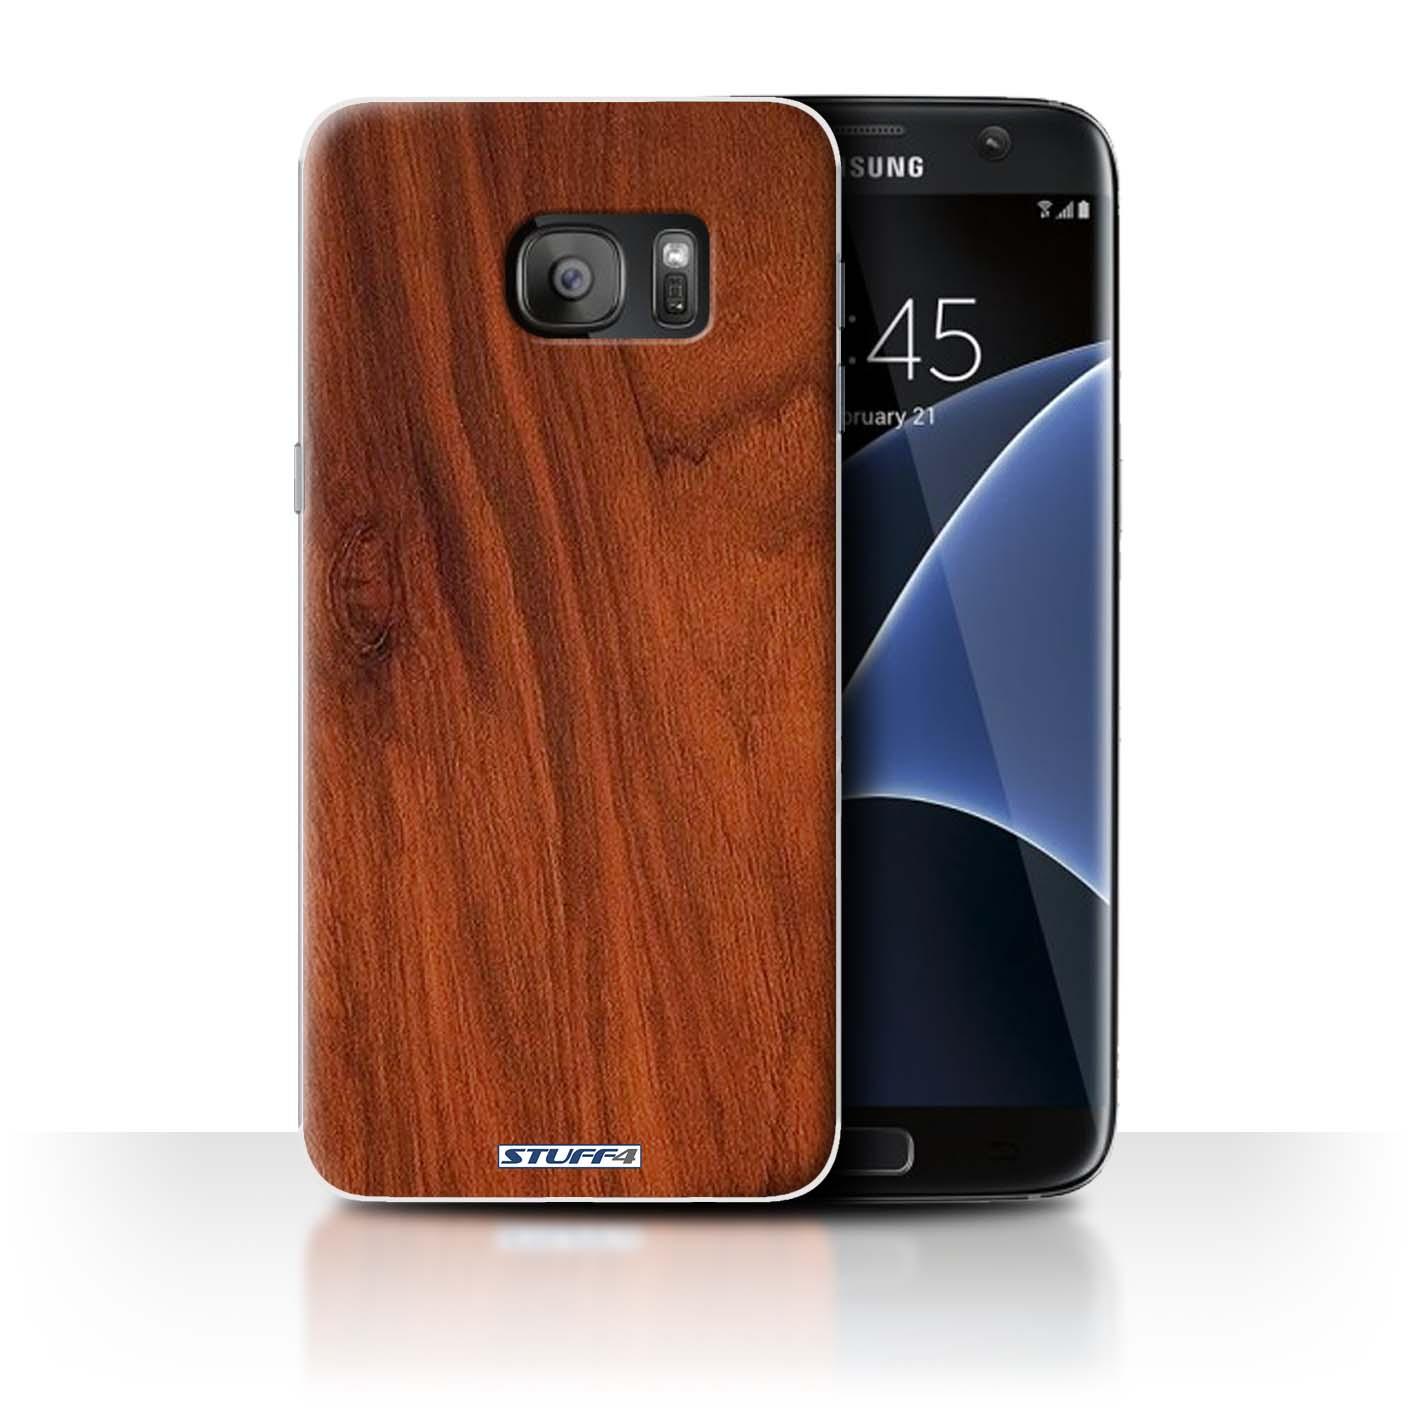 Coque-Etui-Housse-de-Stuff4-pour-Samsung-Galaxy-S7-Edge-G935-Motif-Grain-de-Bois